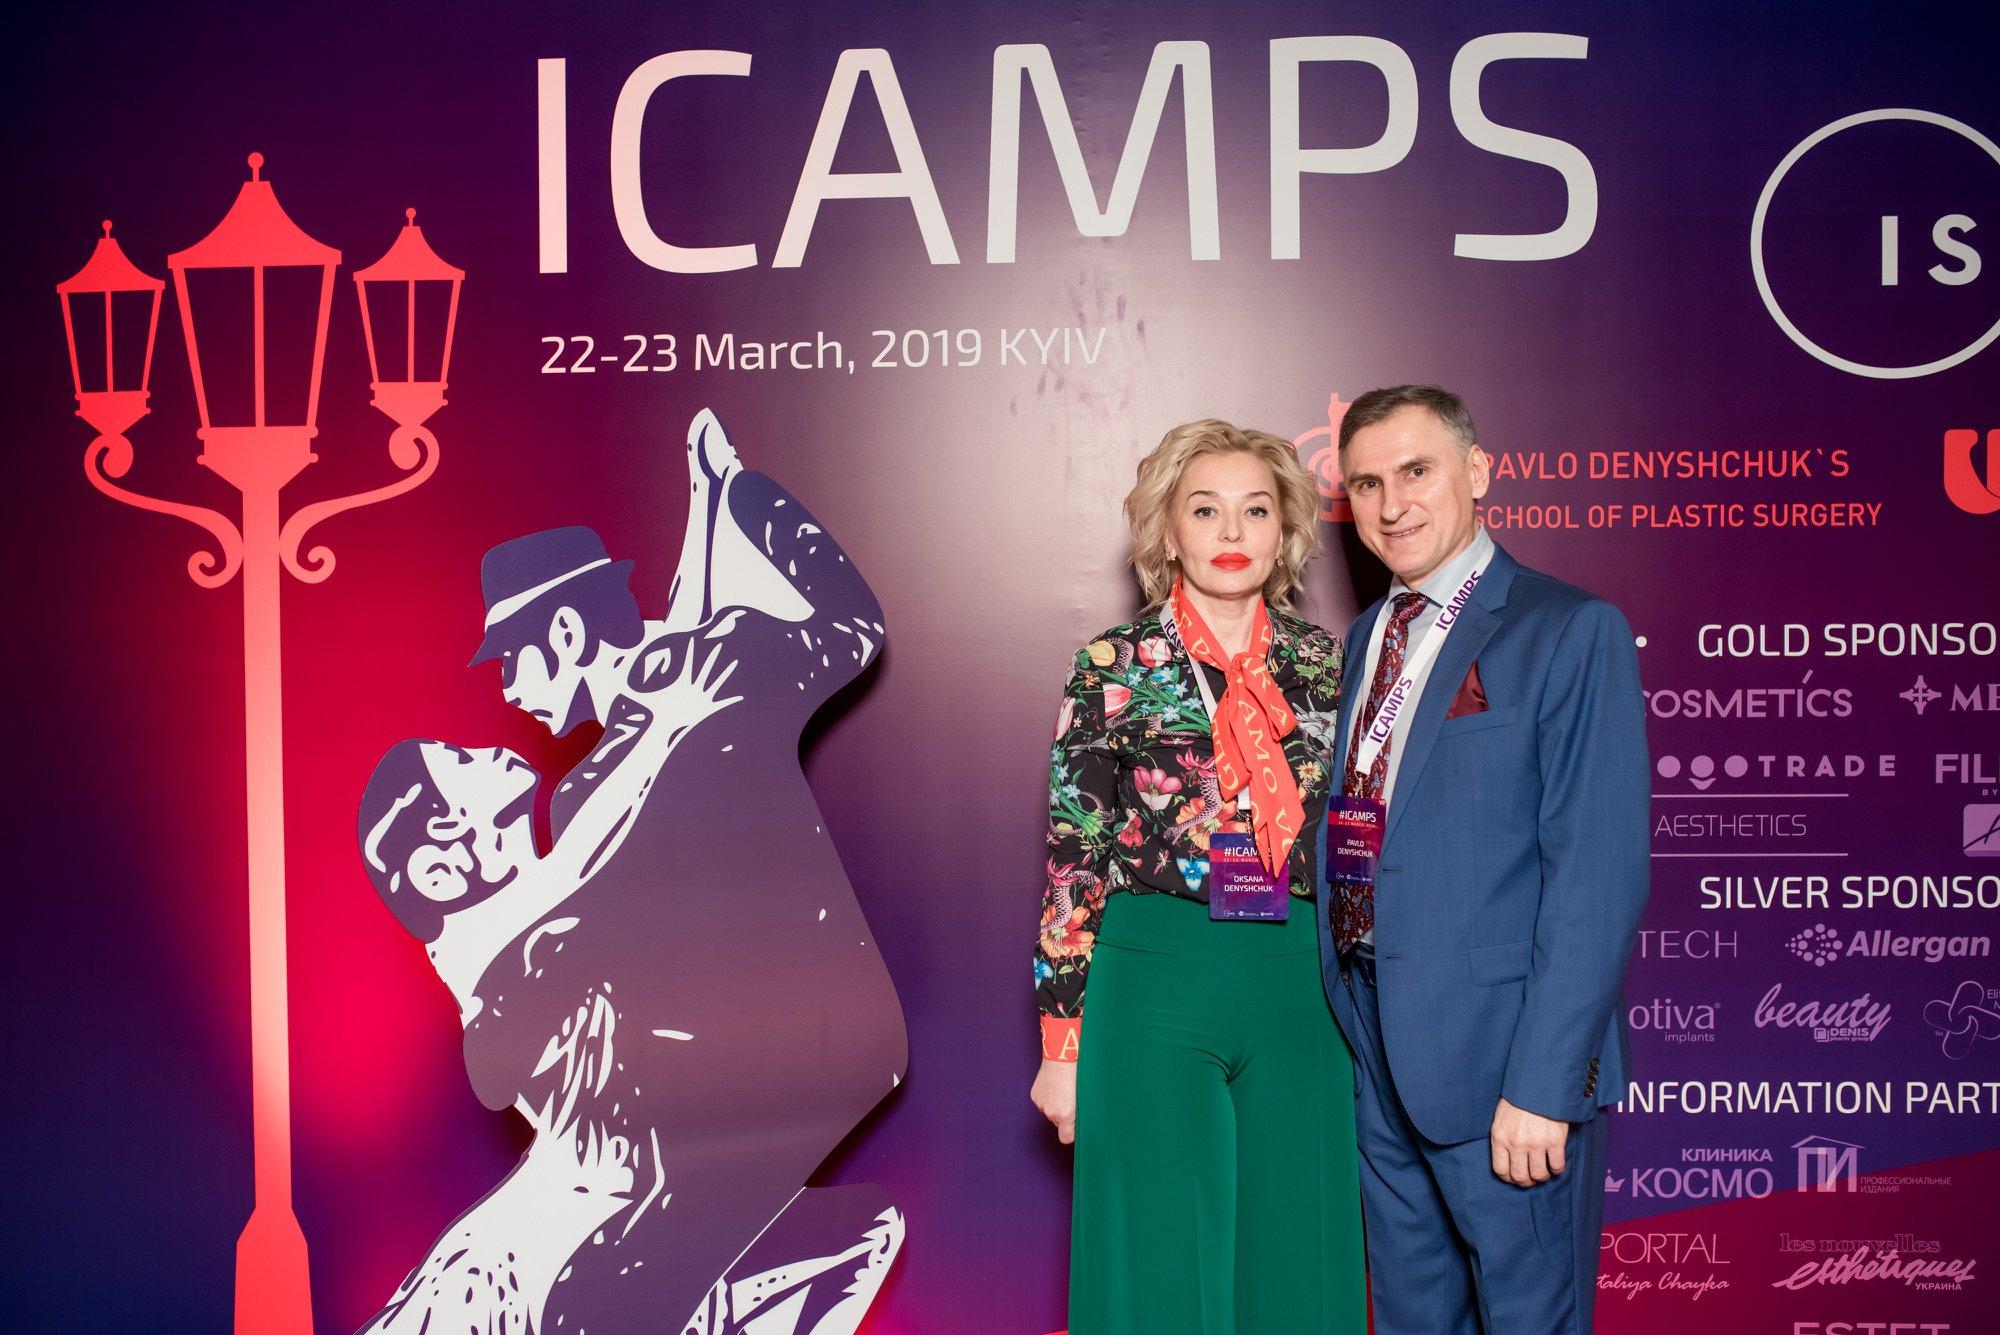 АНА-КОСМО провела 2-й конгресс ICAMPS